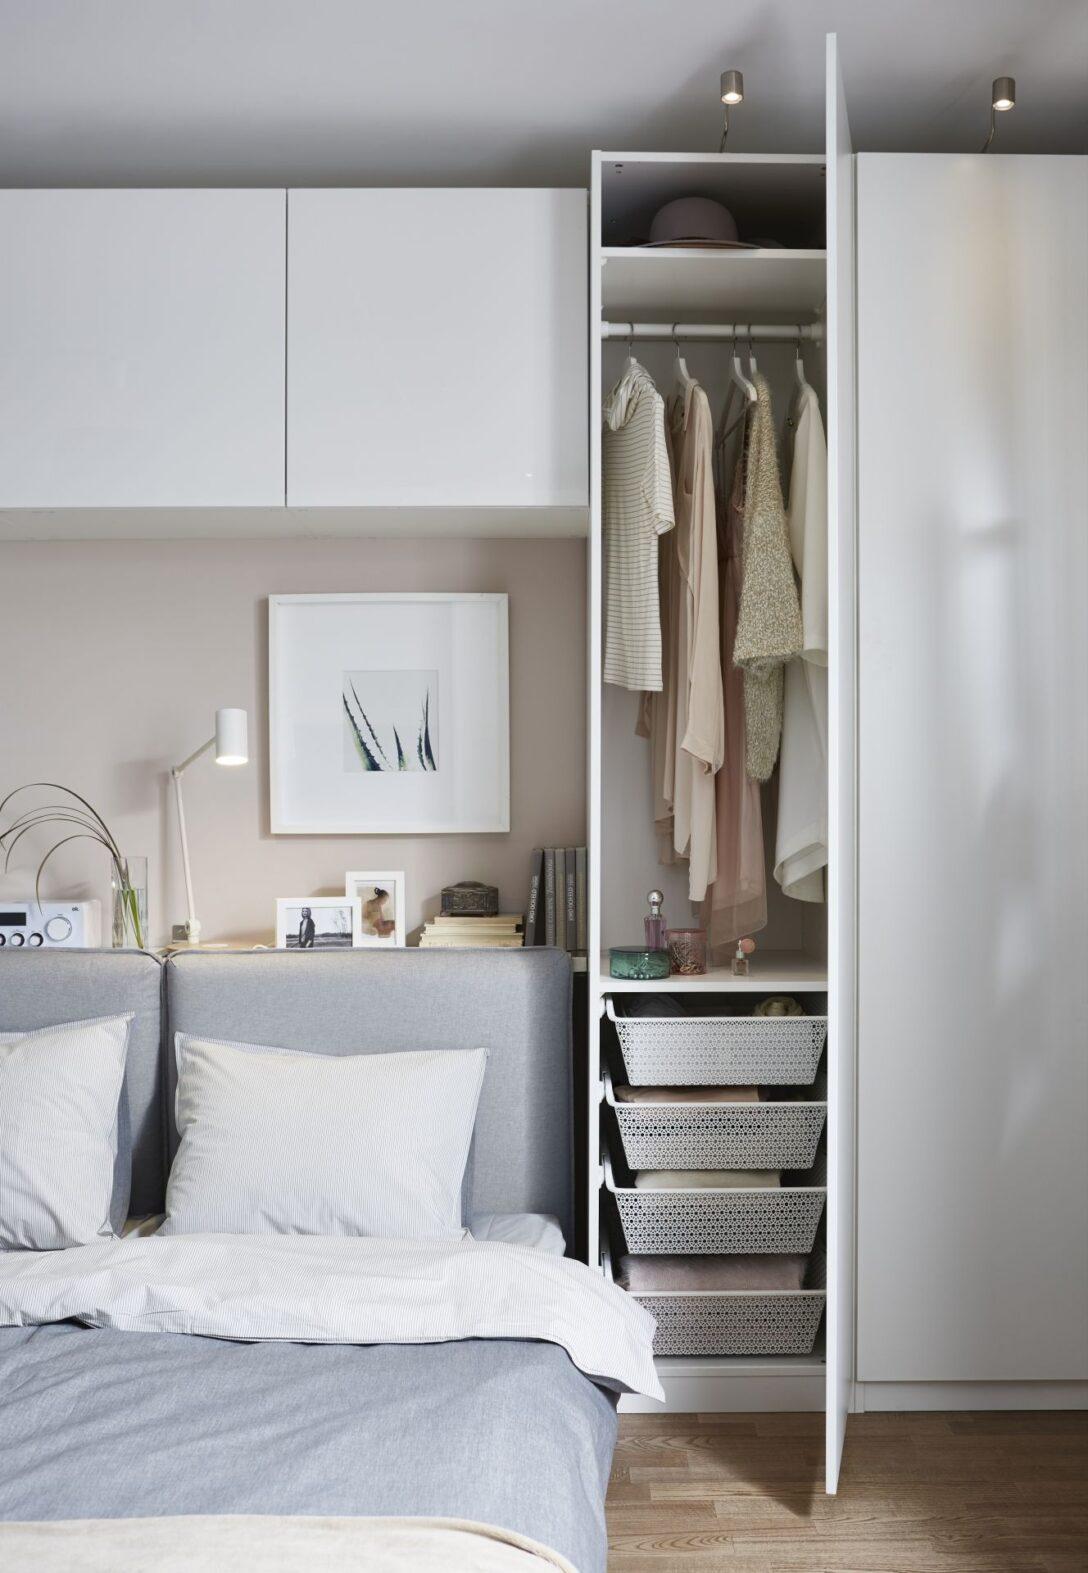 Large Size of überbau Schlafzimmer Modern Ikea Deutschland Man Kann Paund Best Super Kombinieren Fr Komplette Tapete Küche Rauch Modernes Bett Massivholz Landhausstil Wohnzimmer überbau Schlafzimmer Modern